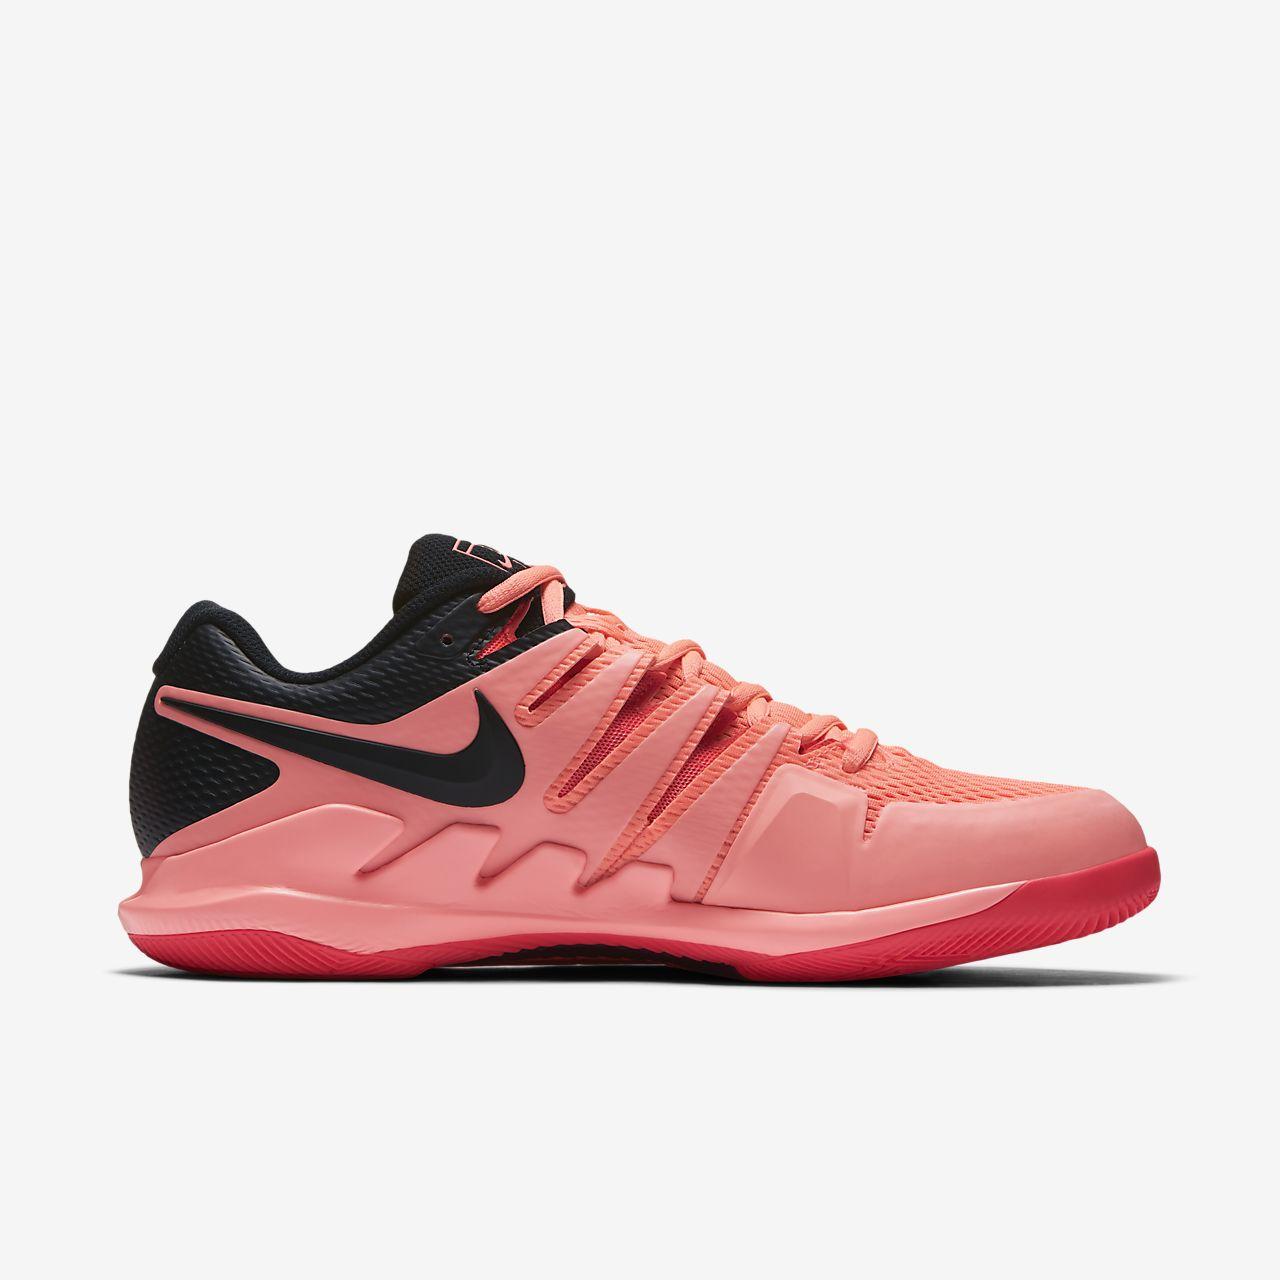 on sale e3cbe cbdc4 Chaussure de tennis NikeCourt Air Zoom Vapor X pour Homme ...